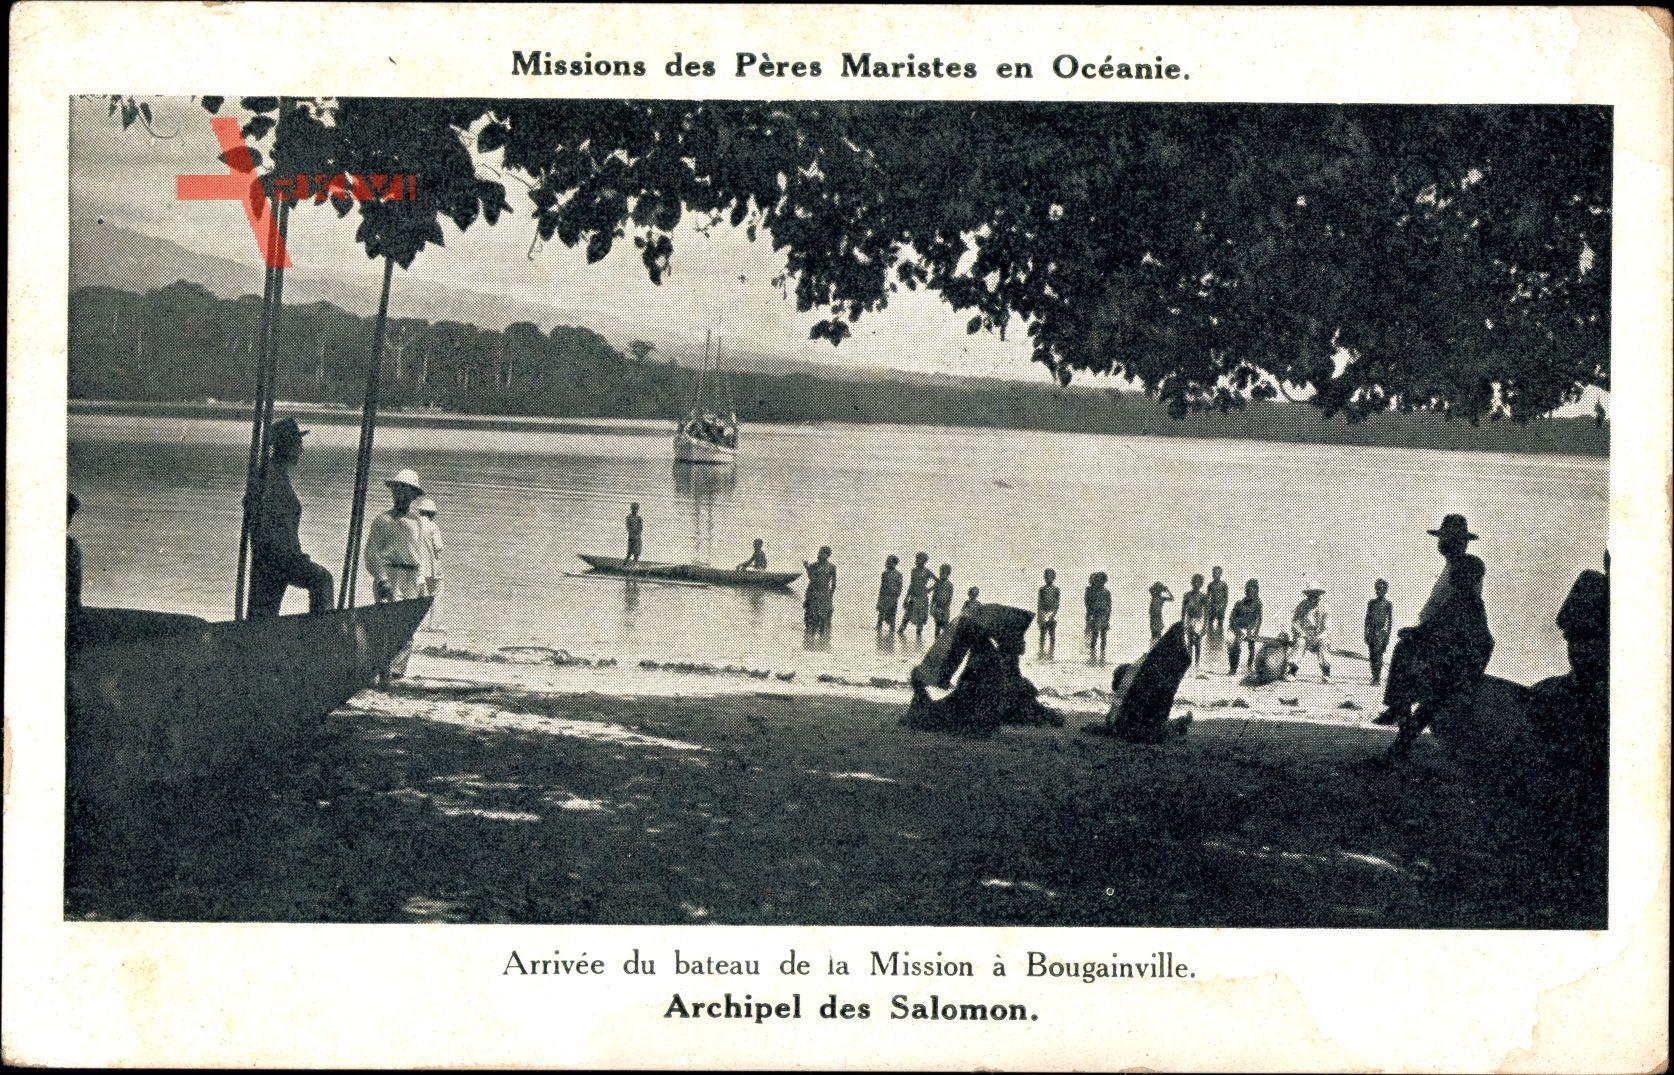 Archipel des Salomon, Arrivée du bateau, Bougainville, Missions Maristes